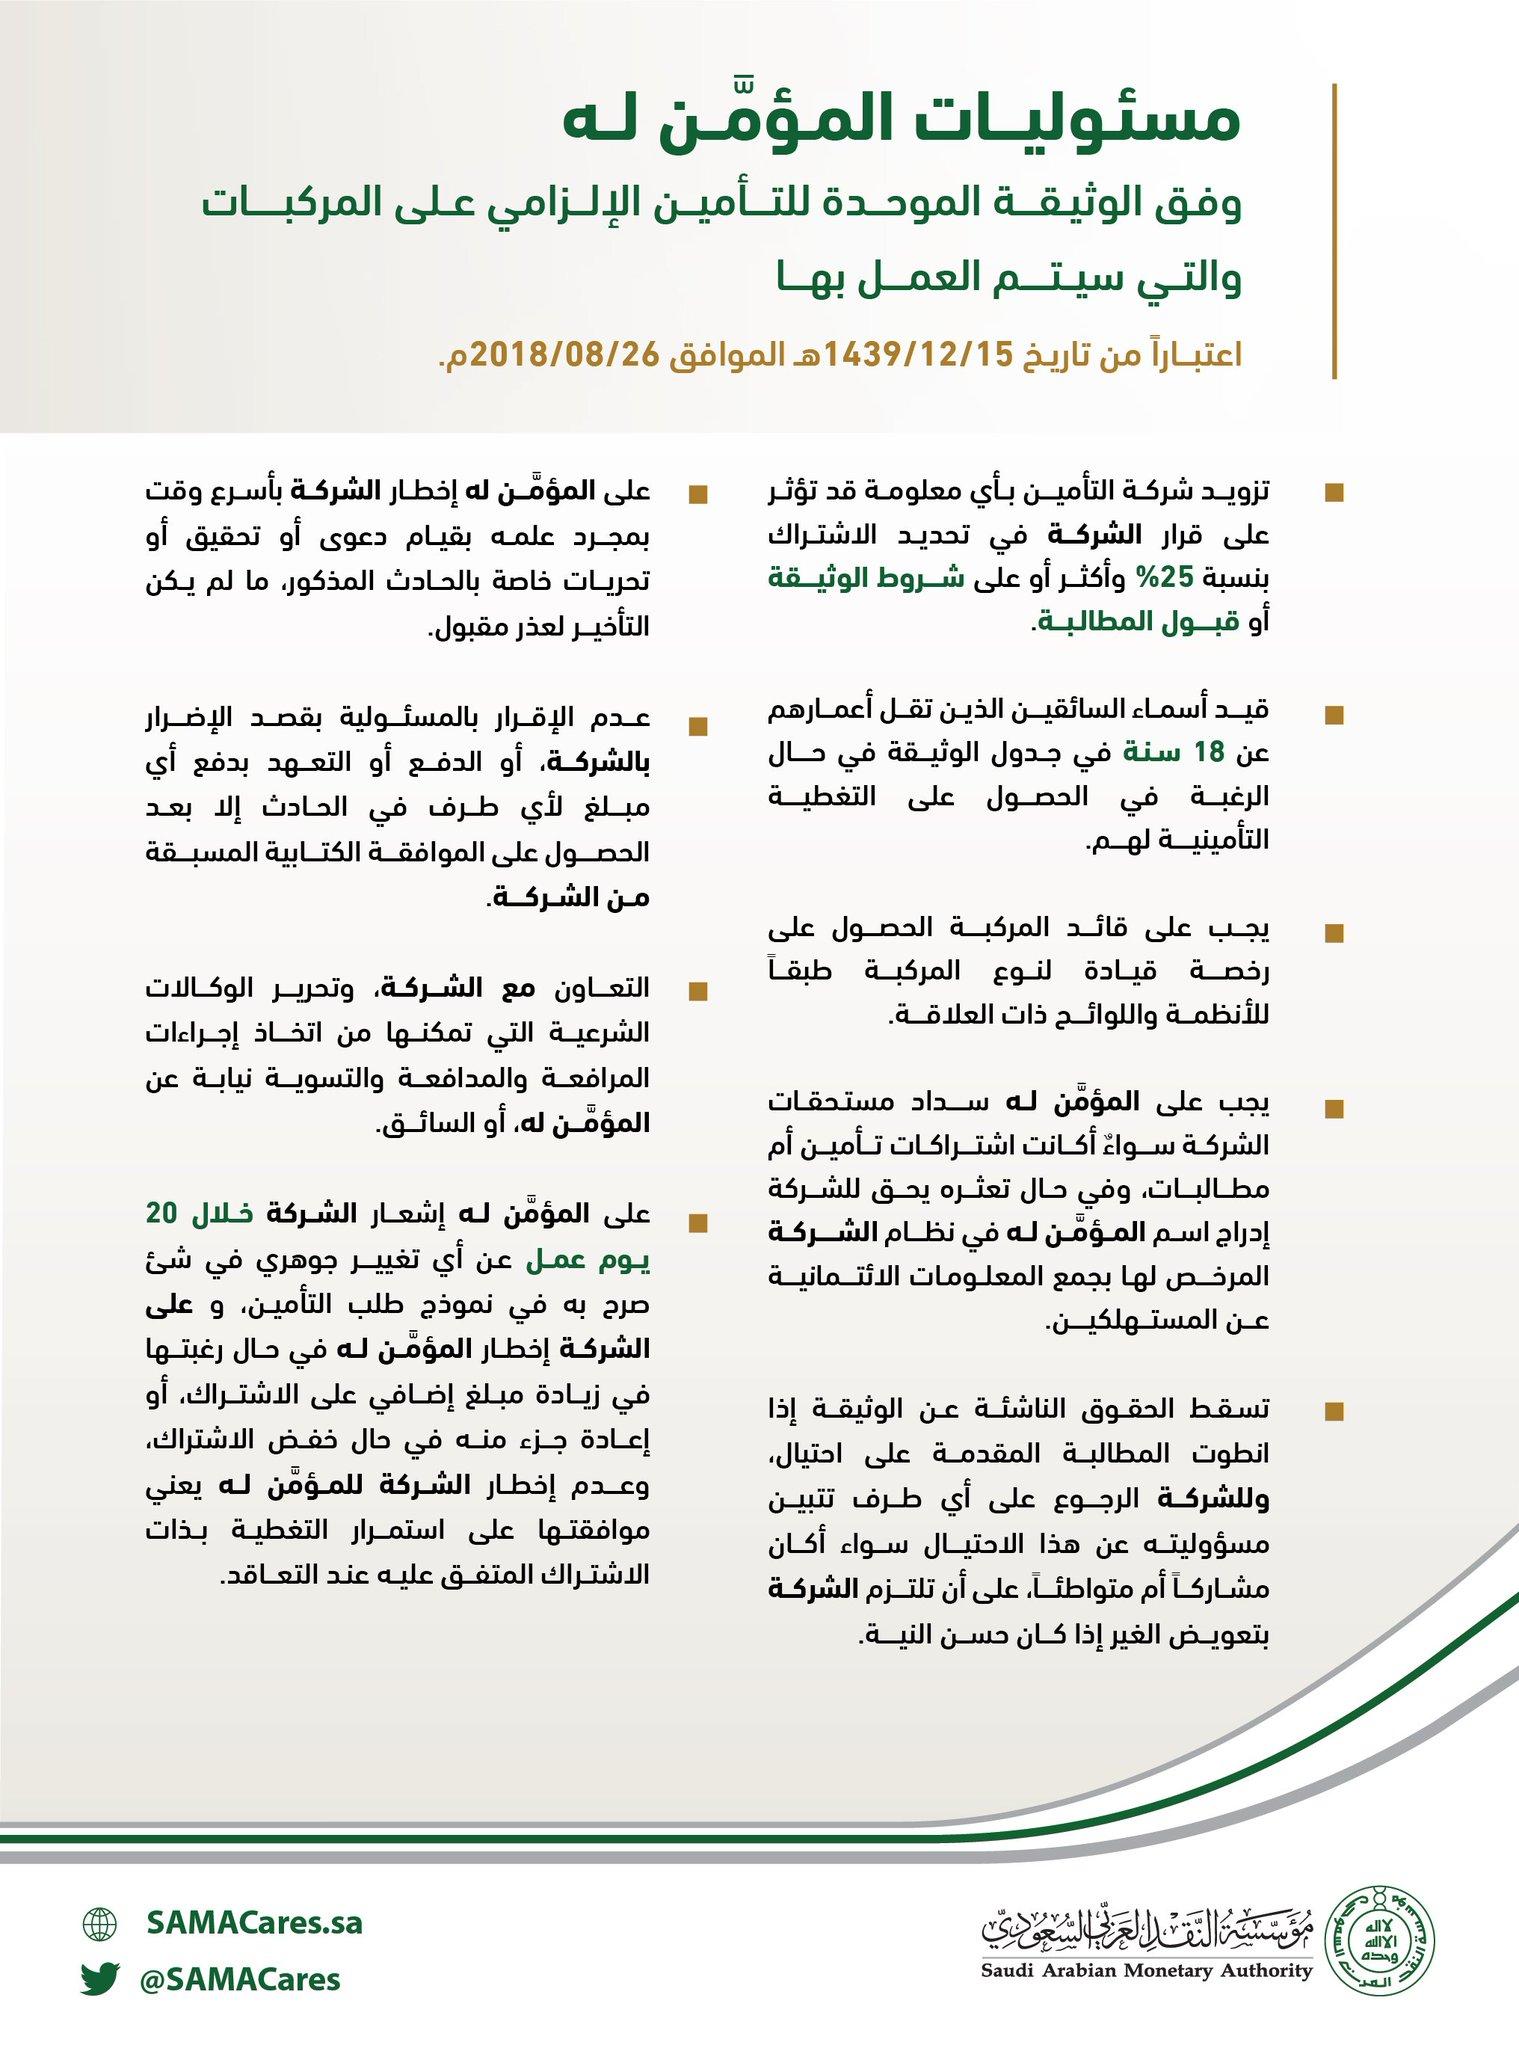 Sama البنك المركزي السعودي A Twitter مسئوليات المؤم ن له وفق الوثيقة الموحدة للتأمين الإلزامي على المركبات مؤسسة النقد